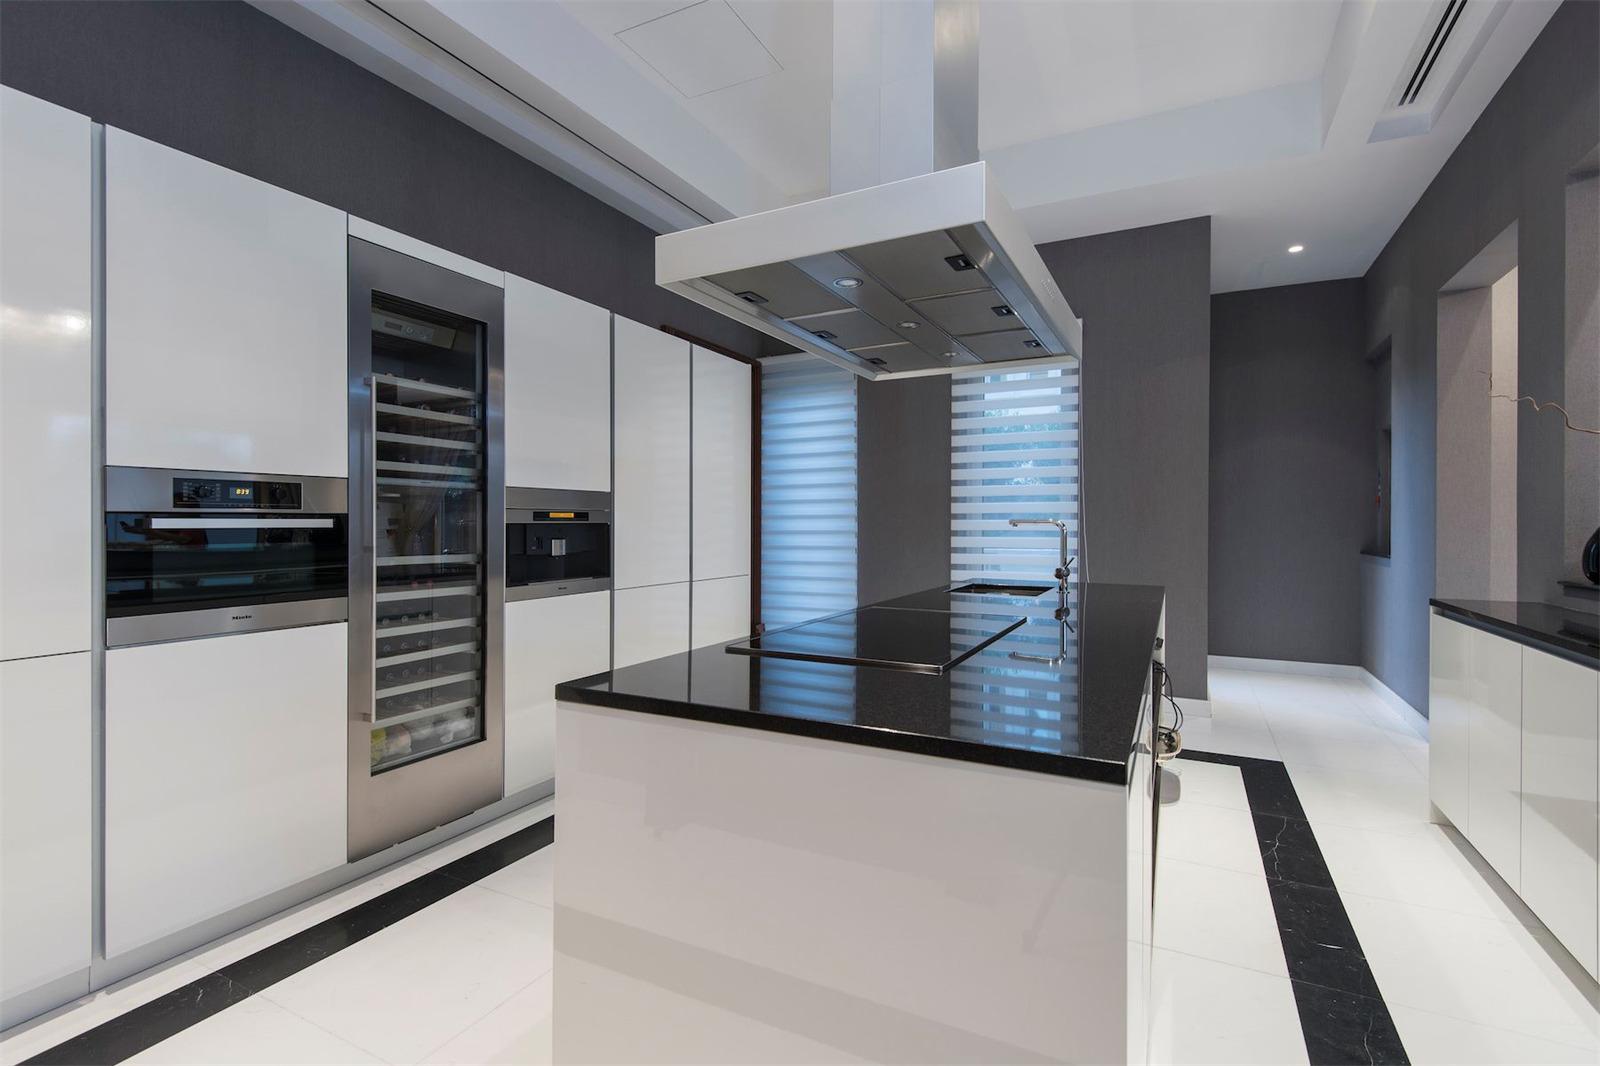 A modern kitchen dream © Gulf Sotheby's